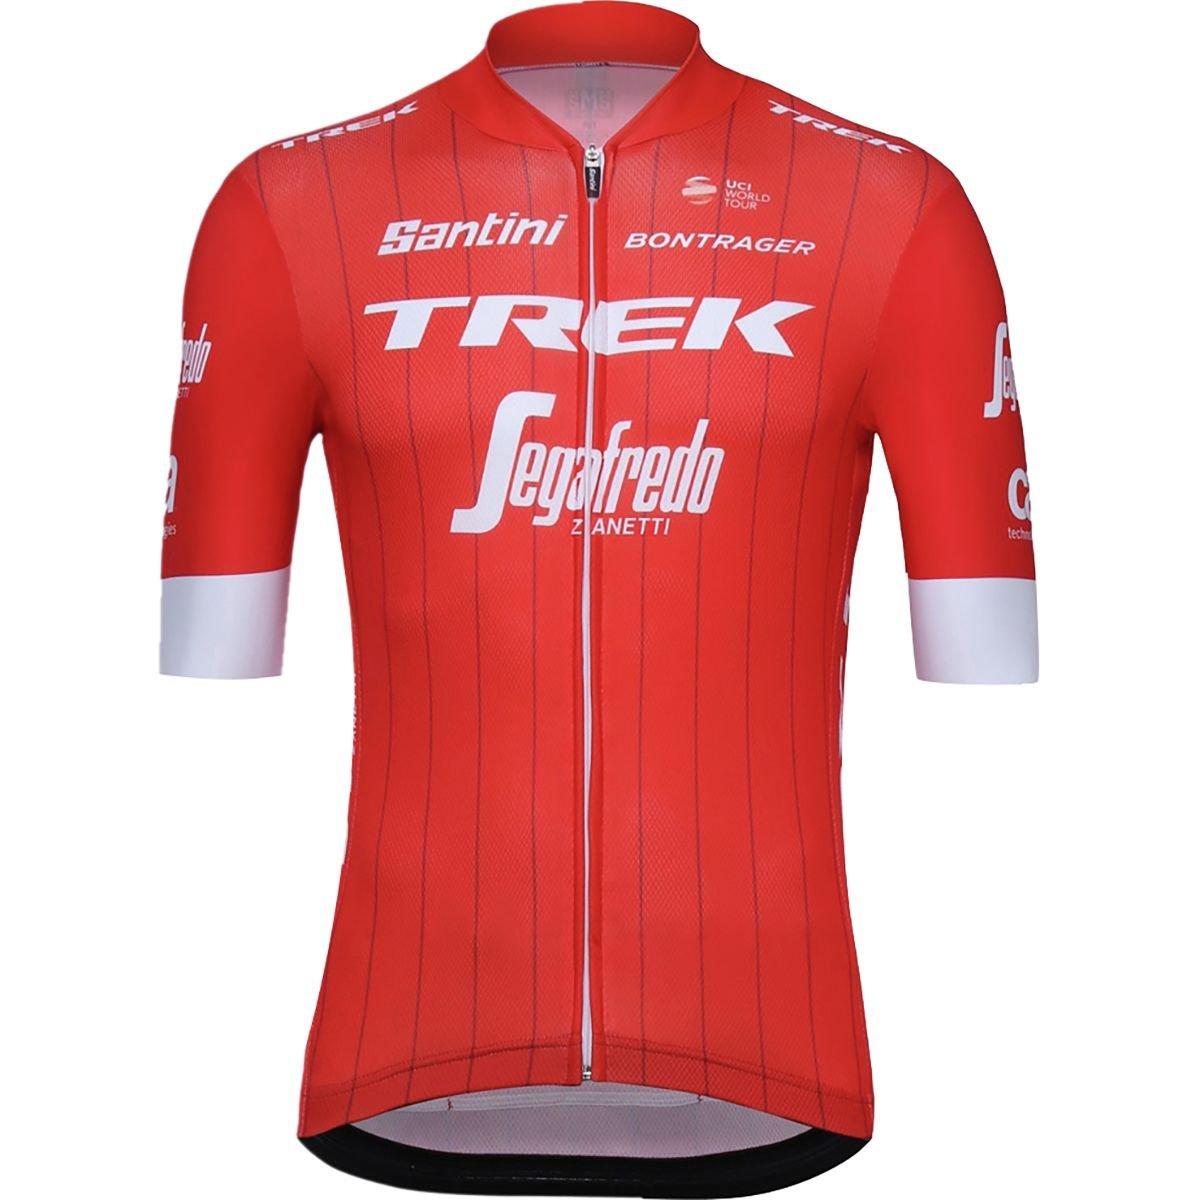 Amazon.com   Santini Trek-Segafredo Pro Team Jersey - Men s   Sports    Outdoors 1e24f19fb